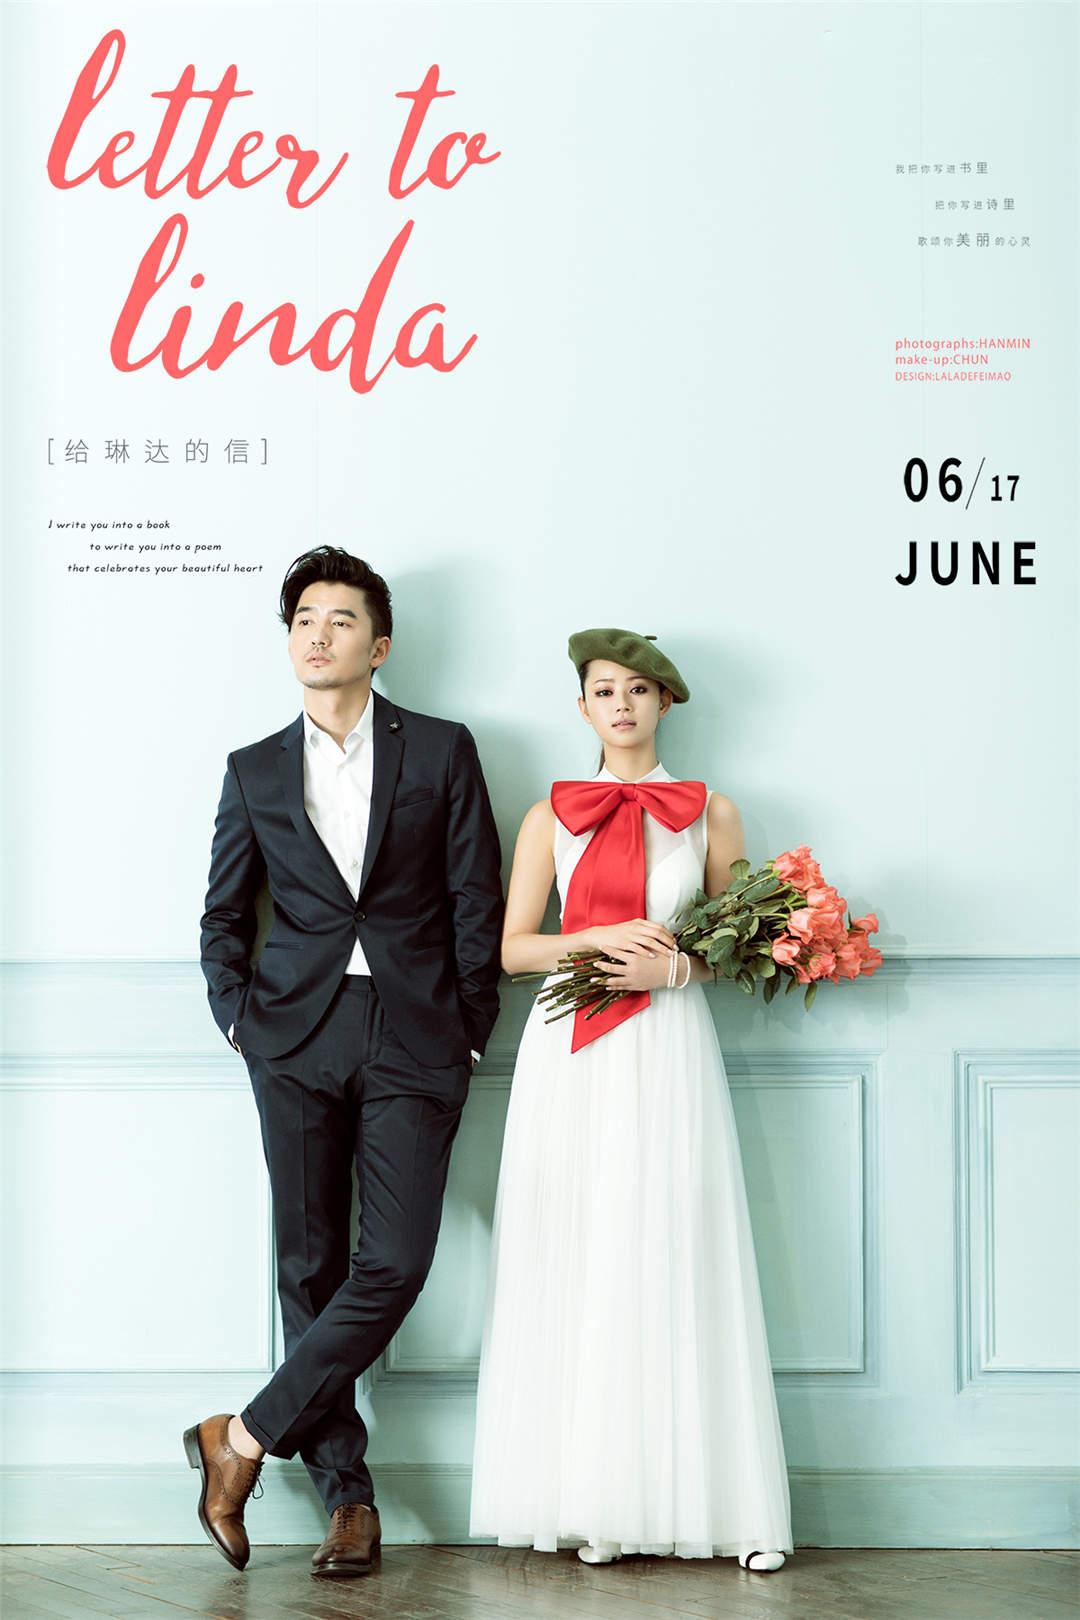 给琳达的信_南京婚纱摄影哪家好|南京拍婚纱照|南京照